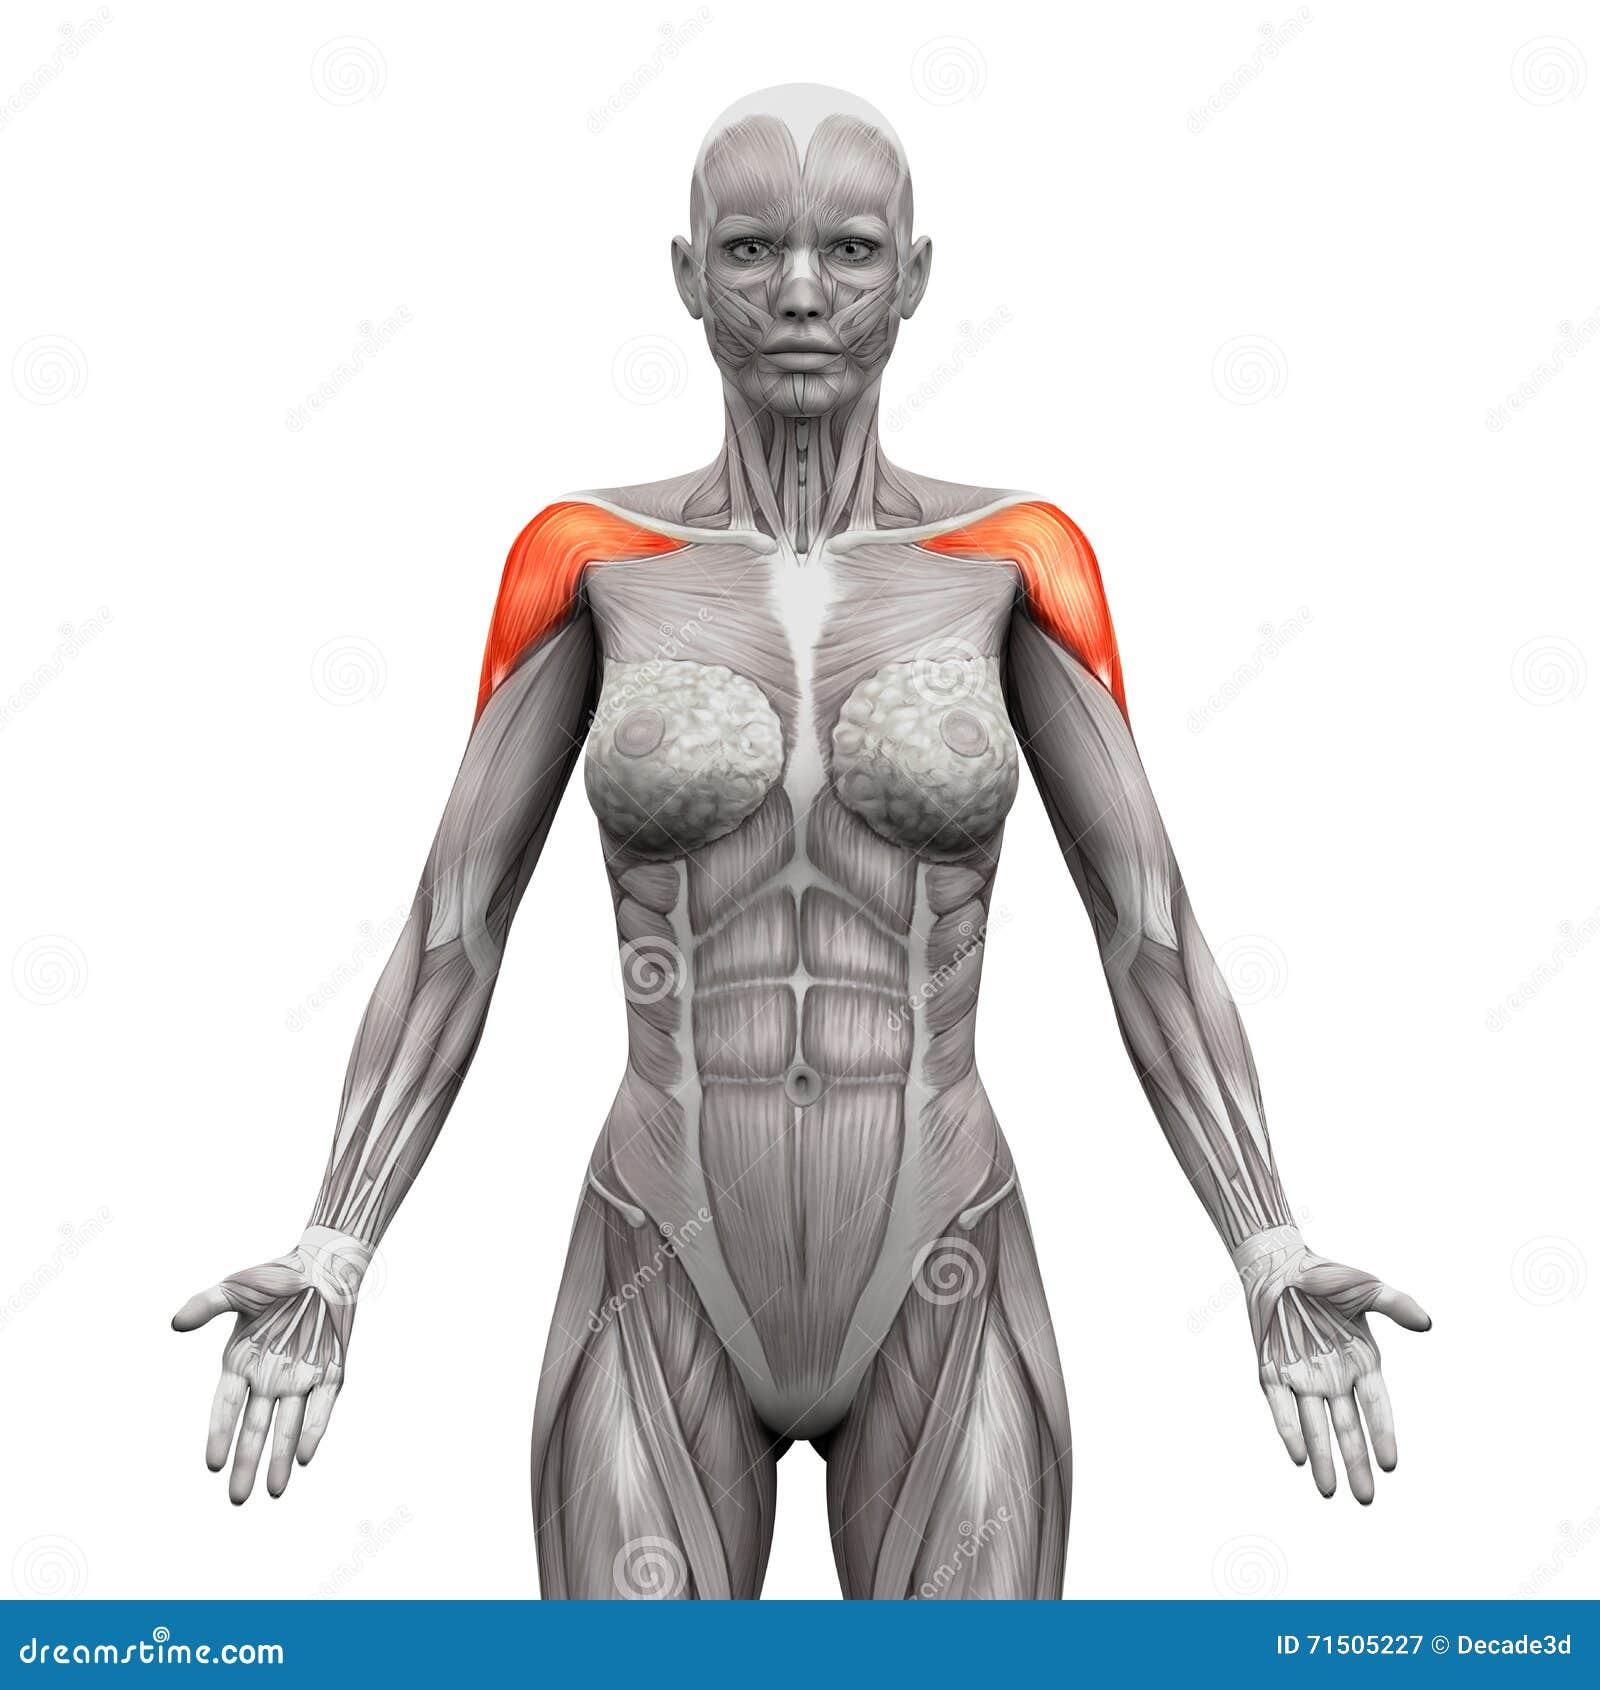 Deltoris Muscles Anterior - мышцы анатомии изолированные на бело-